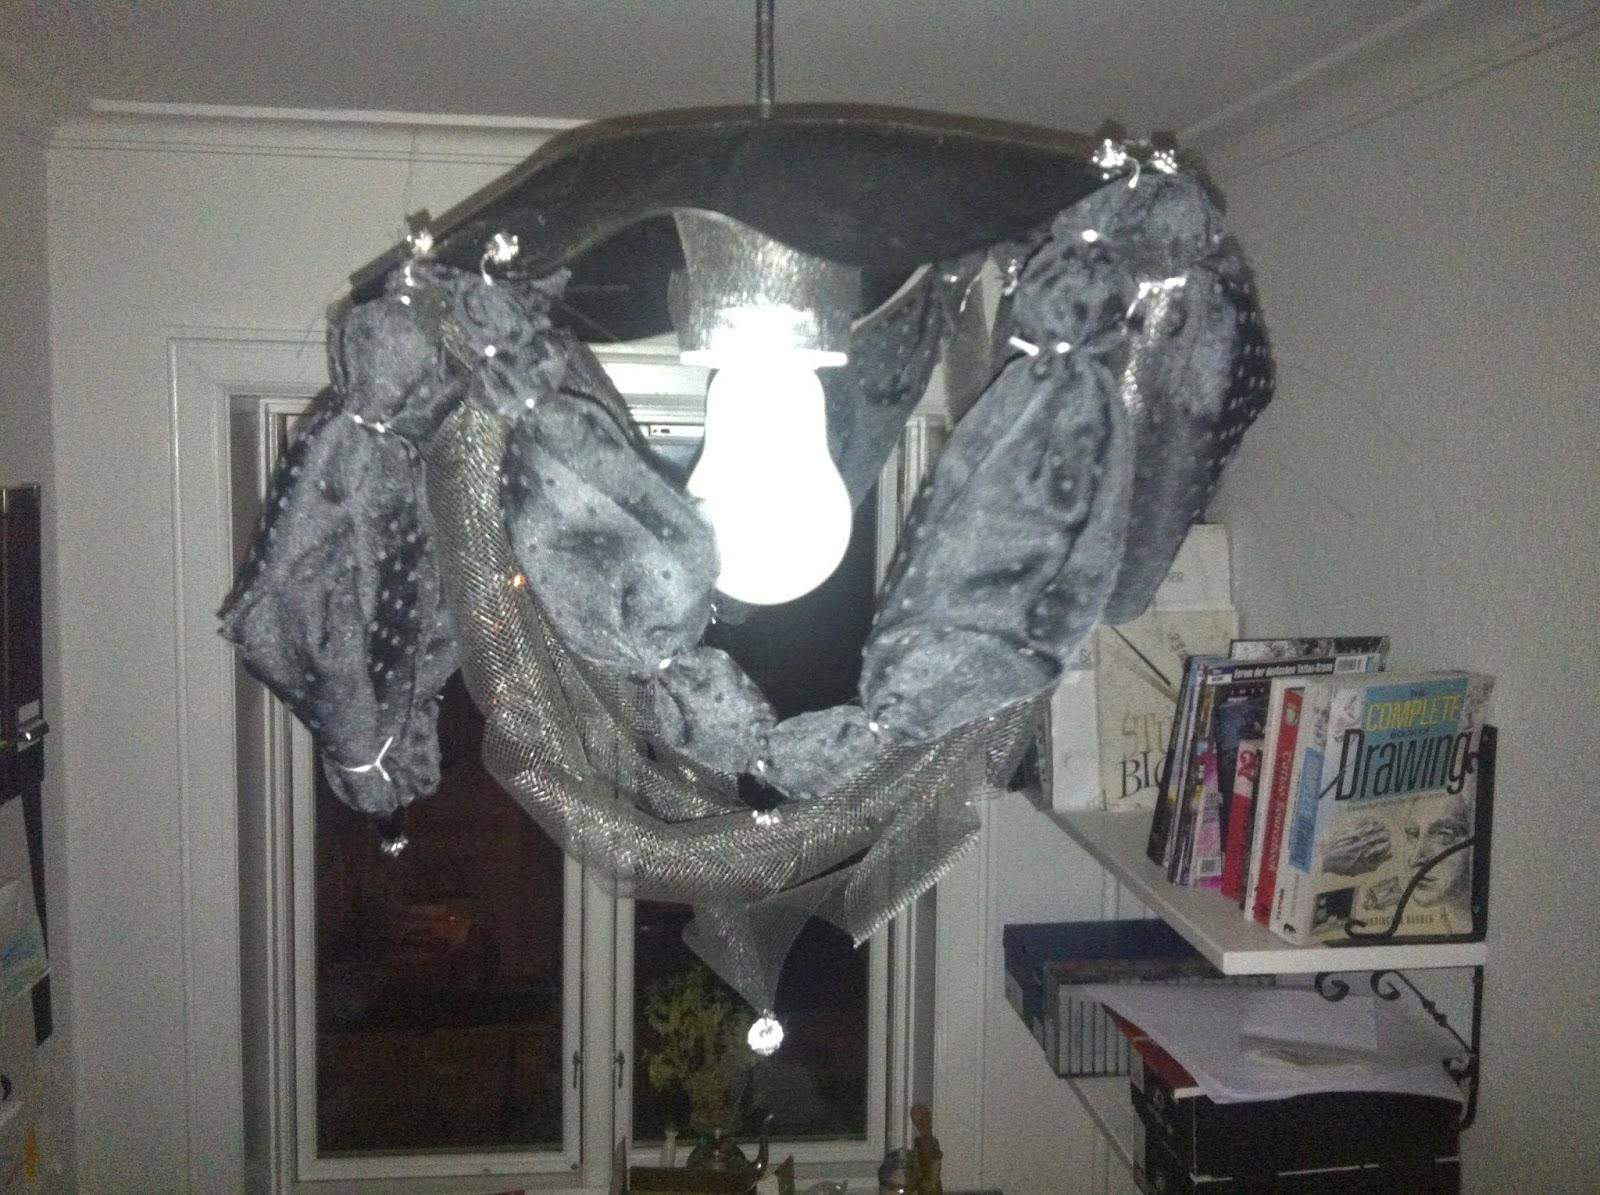 MD 13.2: Studieprodukt 2: Designproces af lampeskærm af plastik.